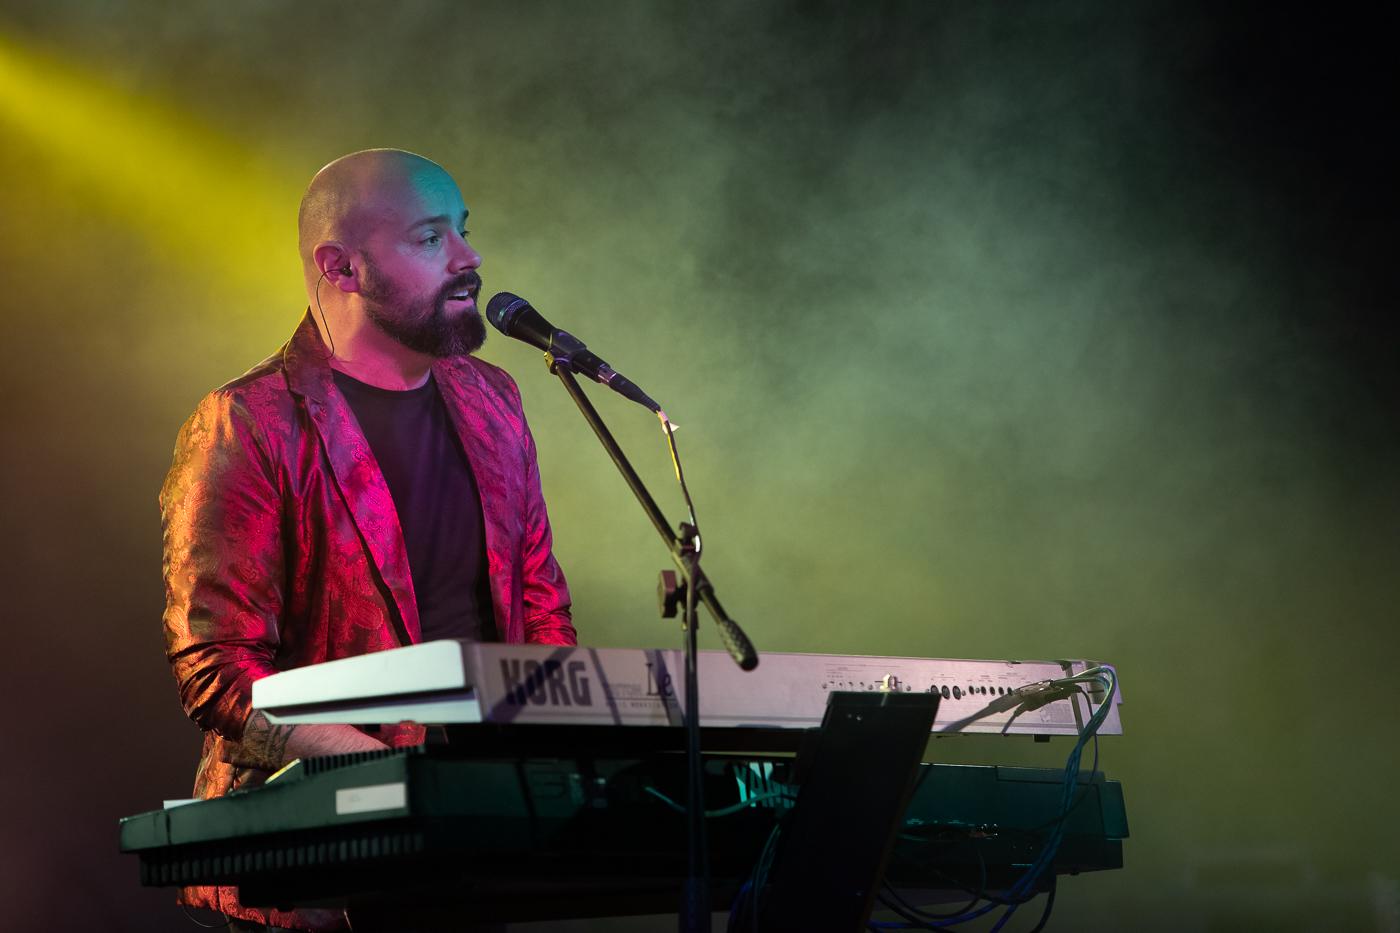 Alberto Martin